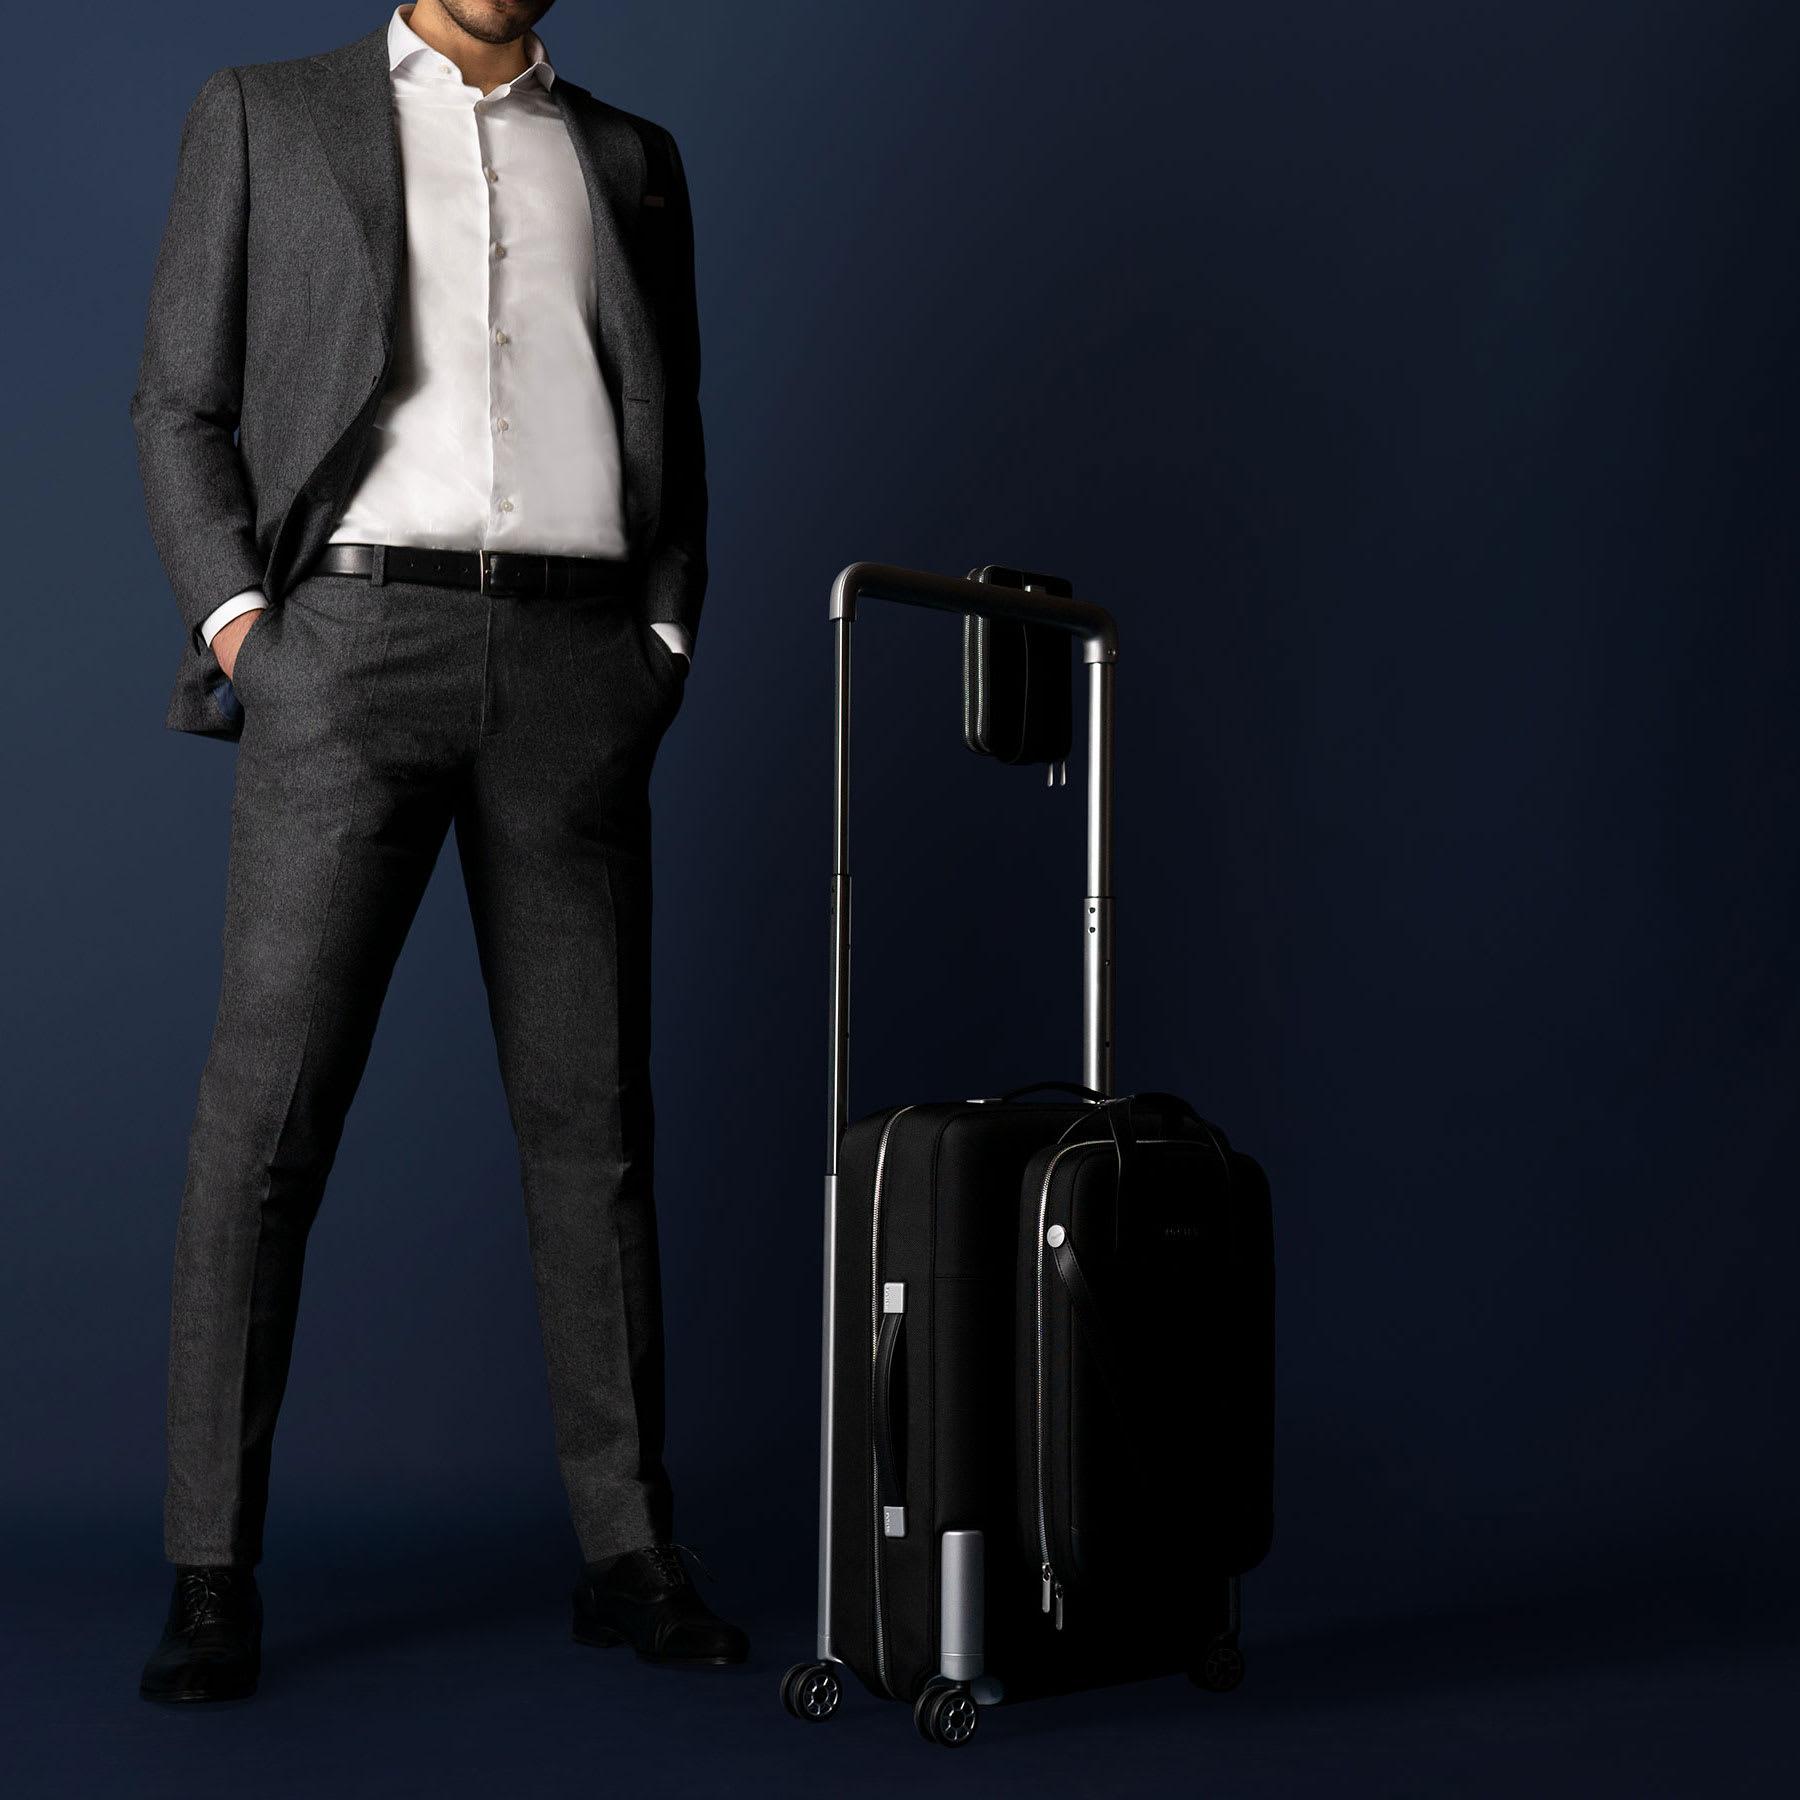 vocier-luggage7